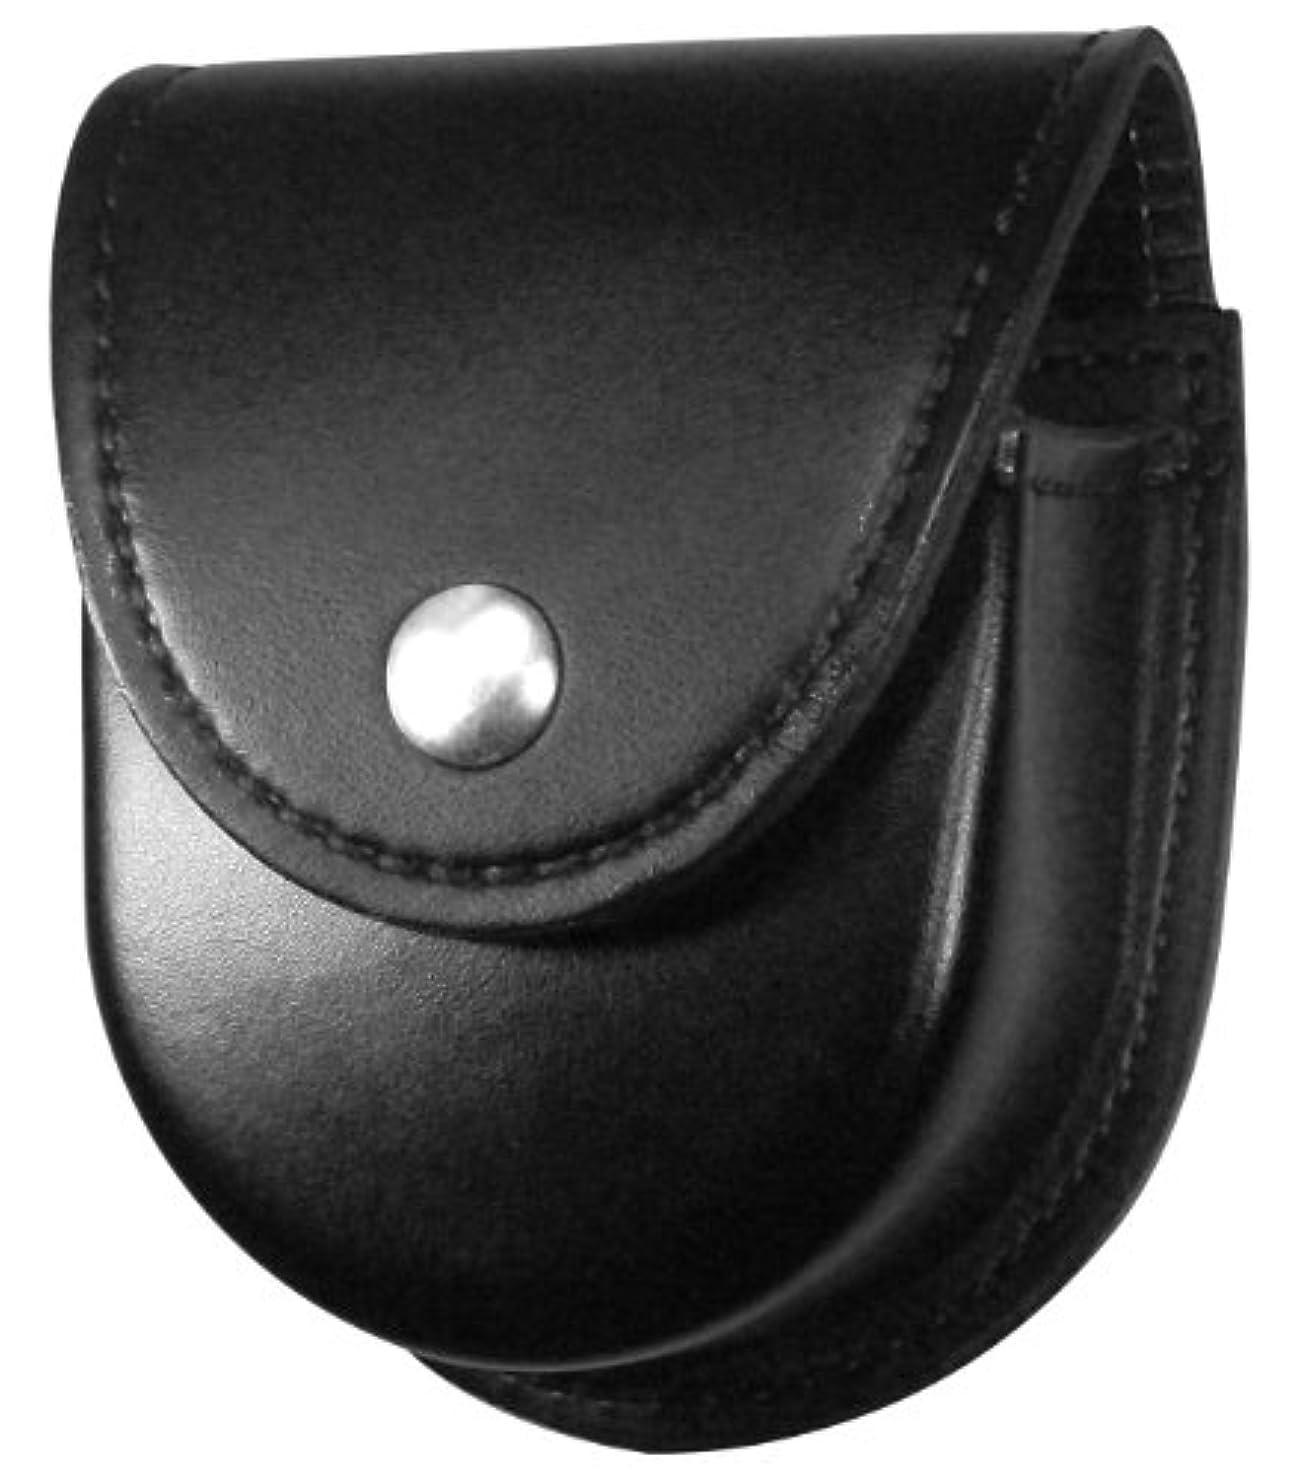 資源背が高い散文Gould & Goodrich K596Br ダブル手錠ケース ベルトに装着 最大2-1/4インチ (ブラック)